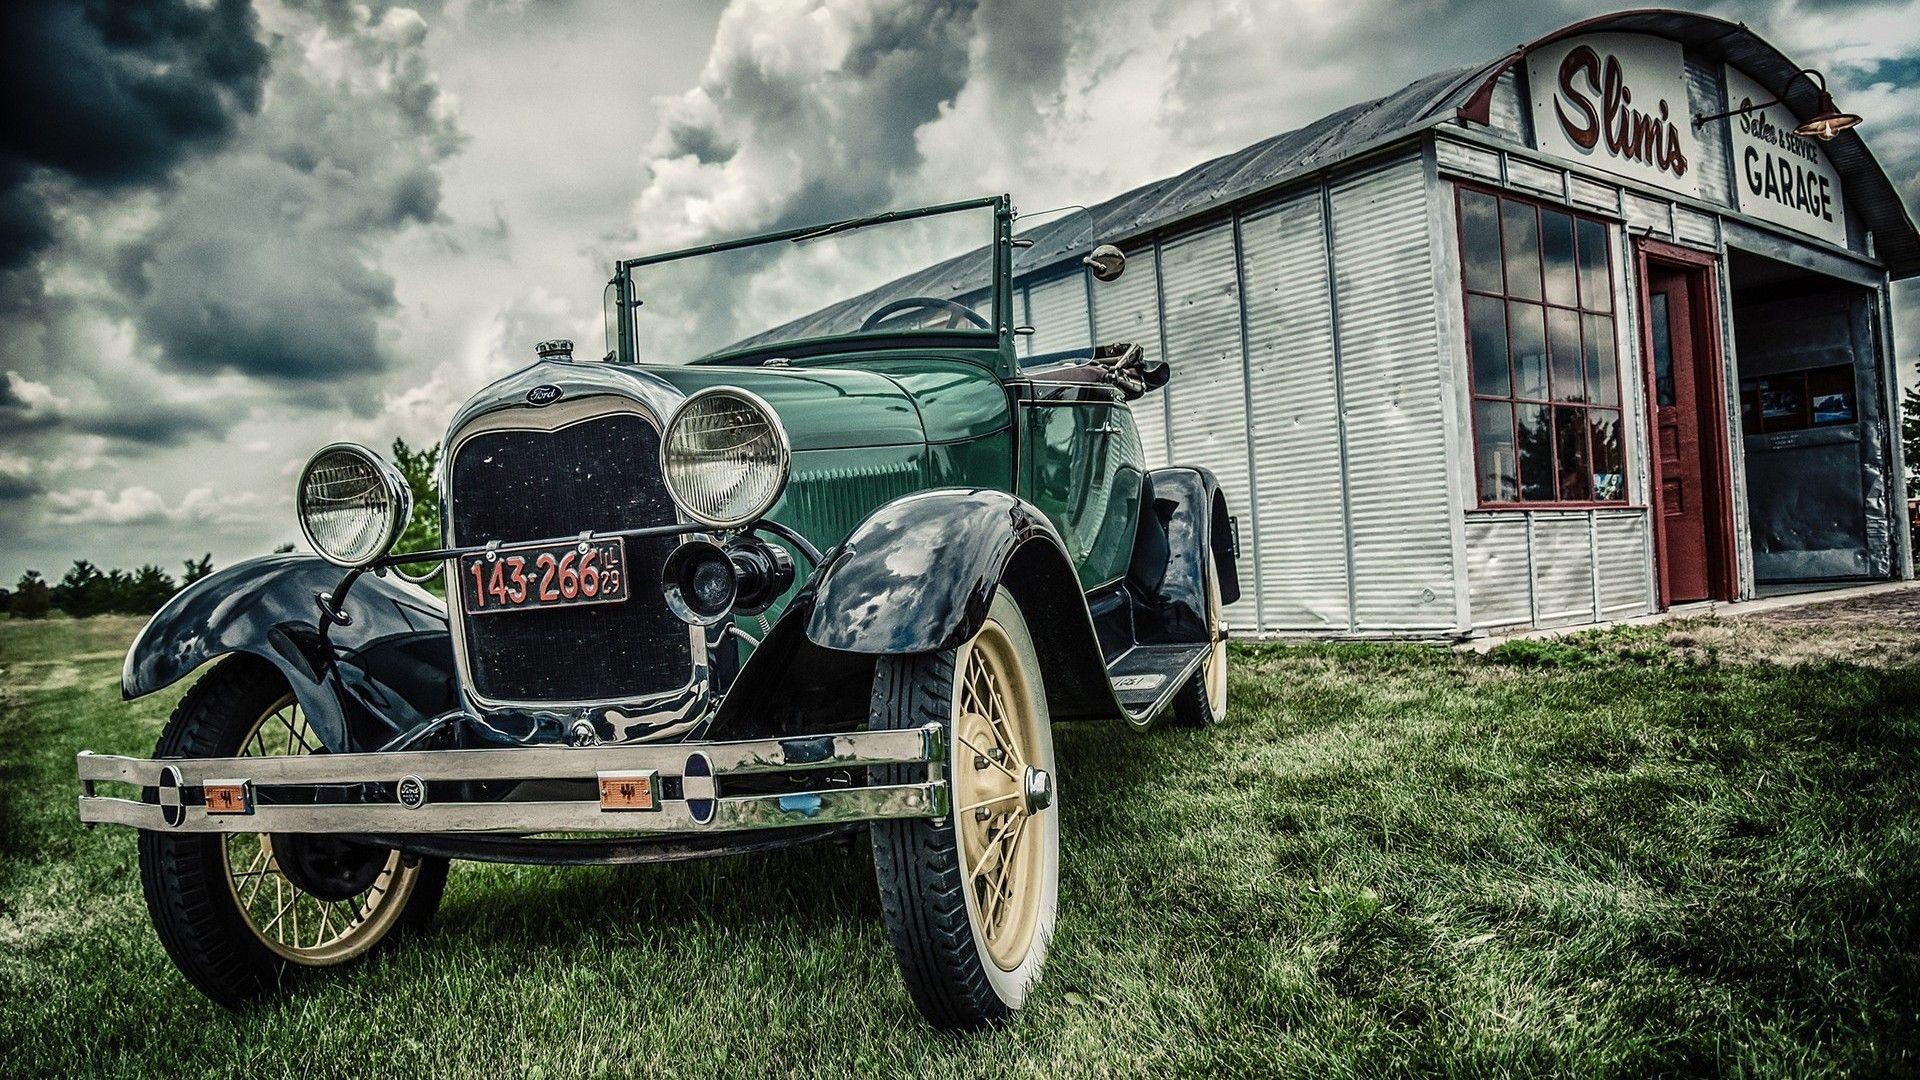 vintage-cars-desktop-background_05410528_44.jpg (1920×1080) | Cars ...